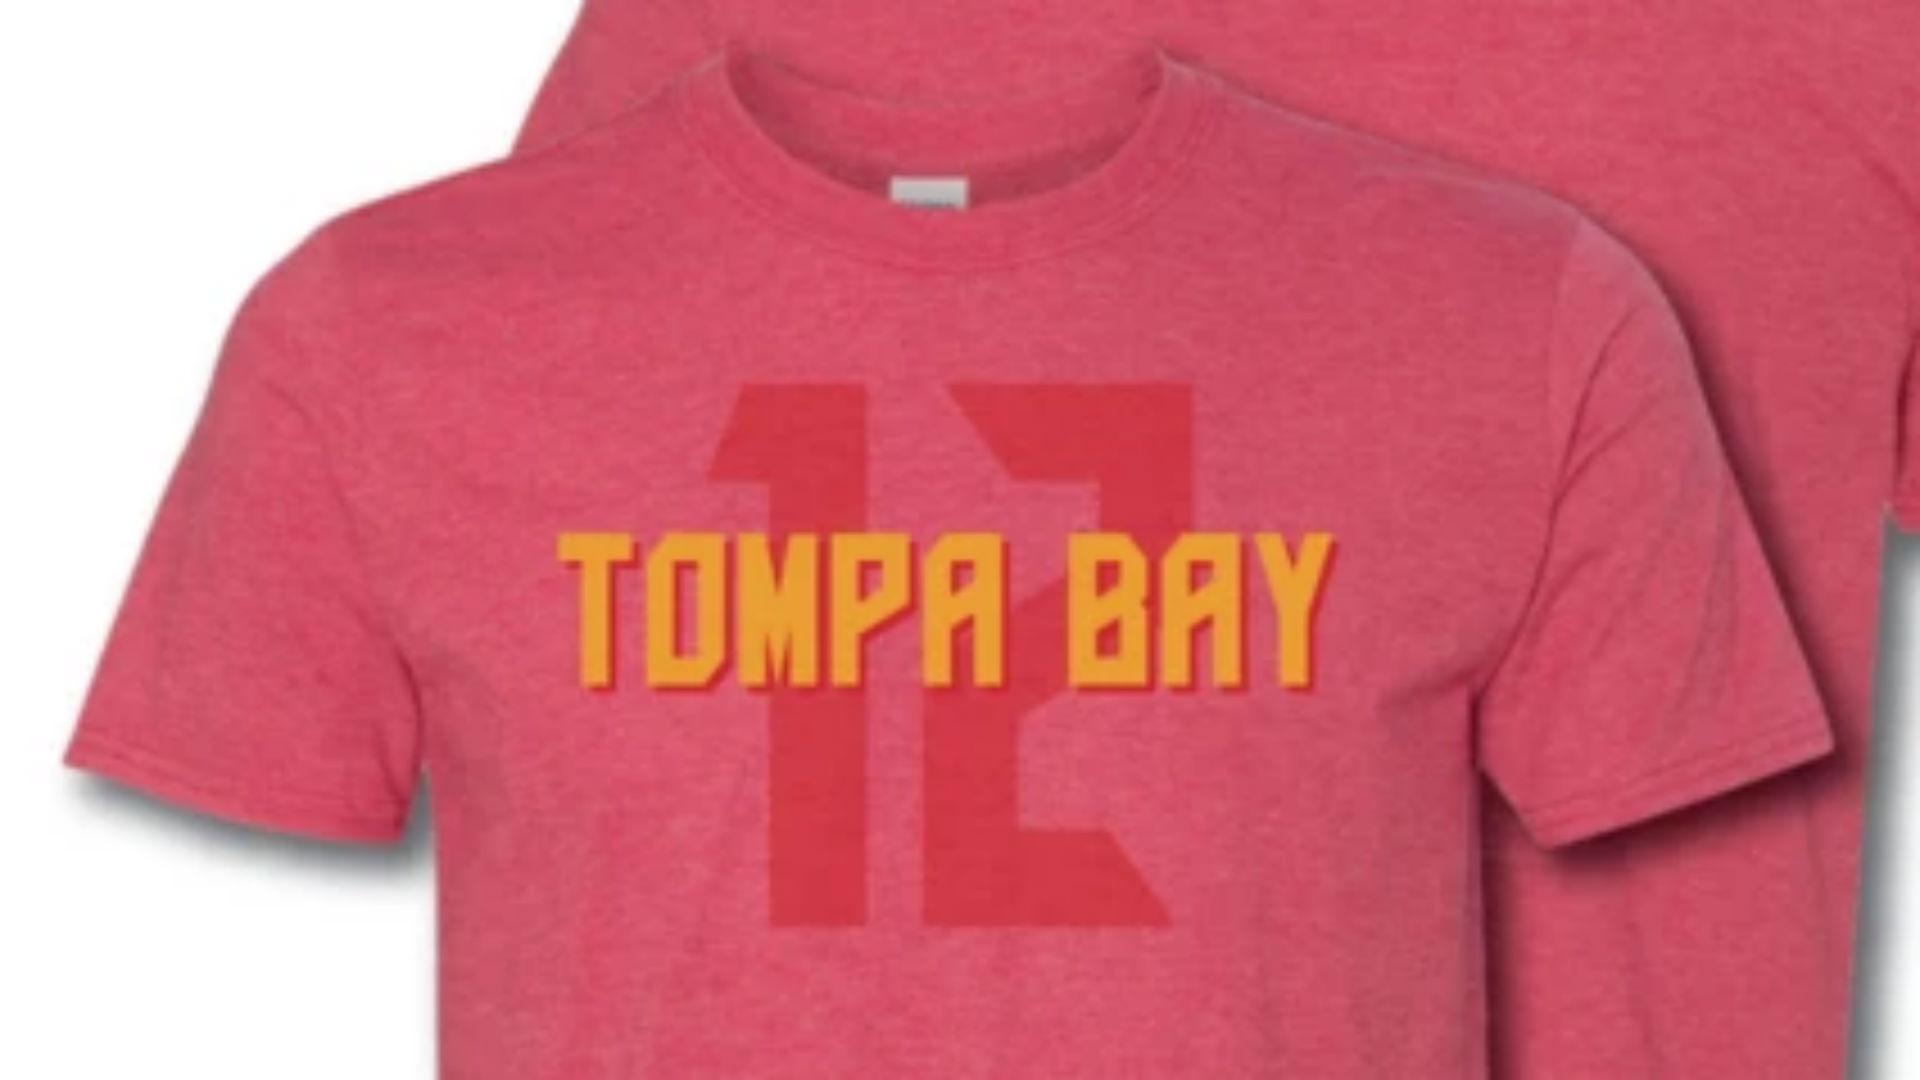 La marca 'Tompa Bay' de Tom Brady abre las compuertas para bromas en Twitter 49